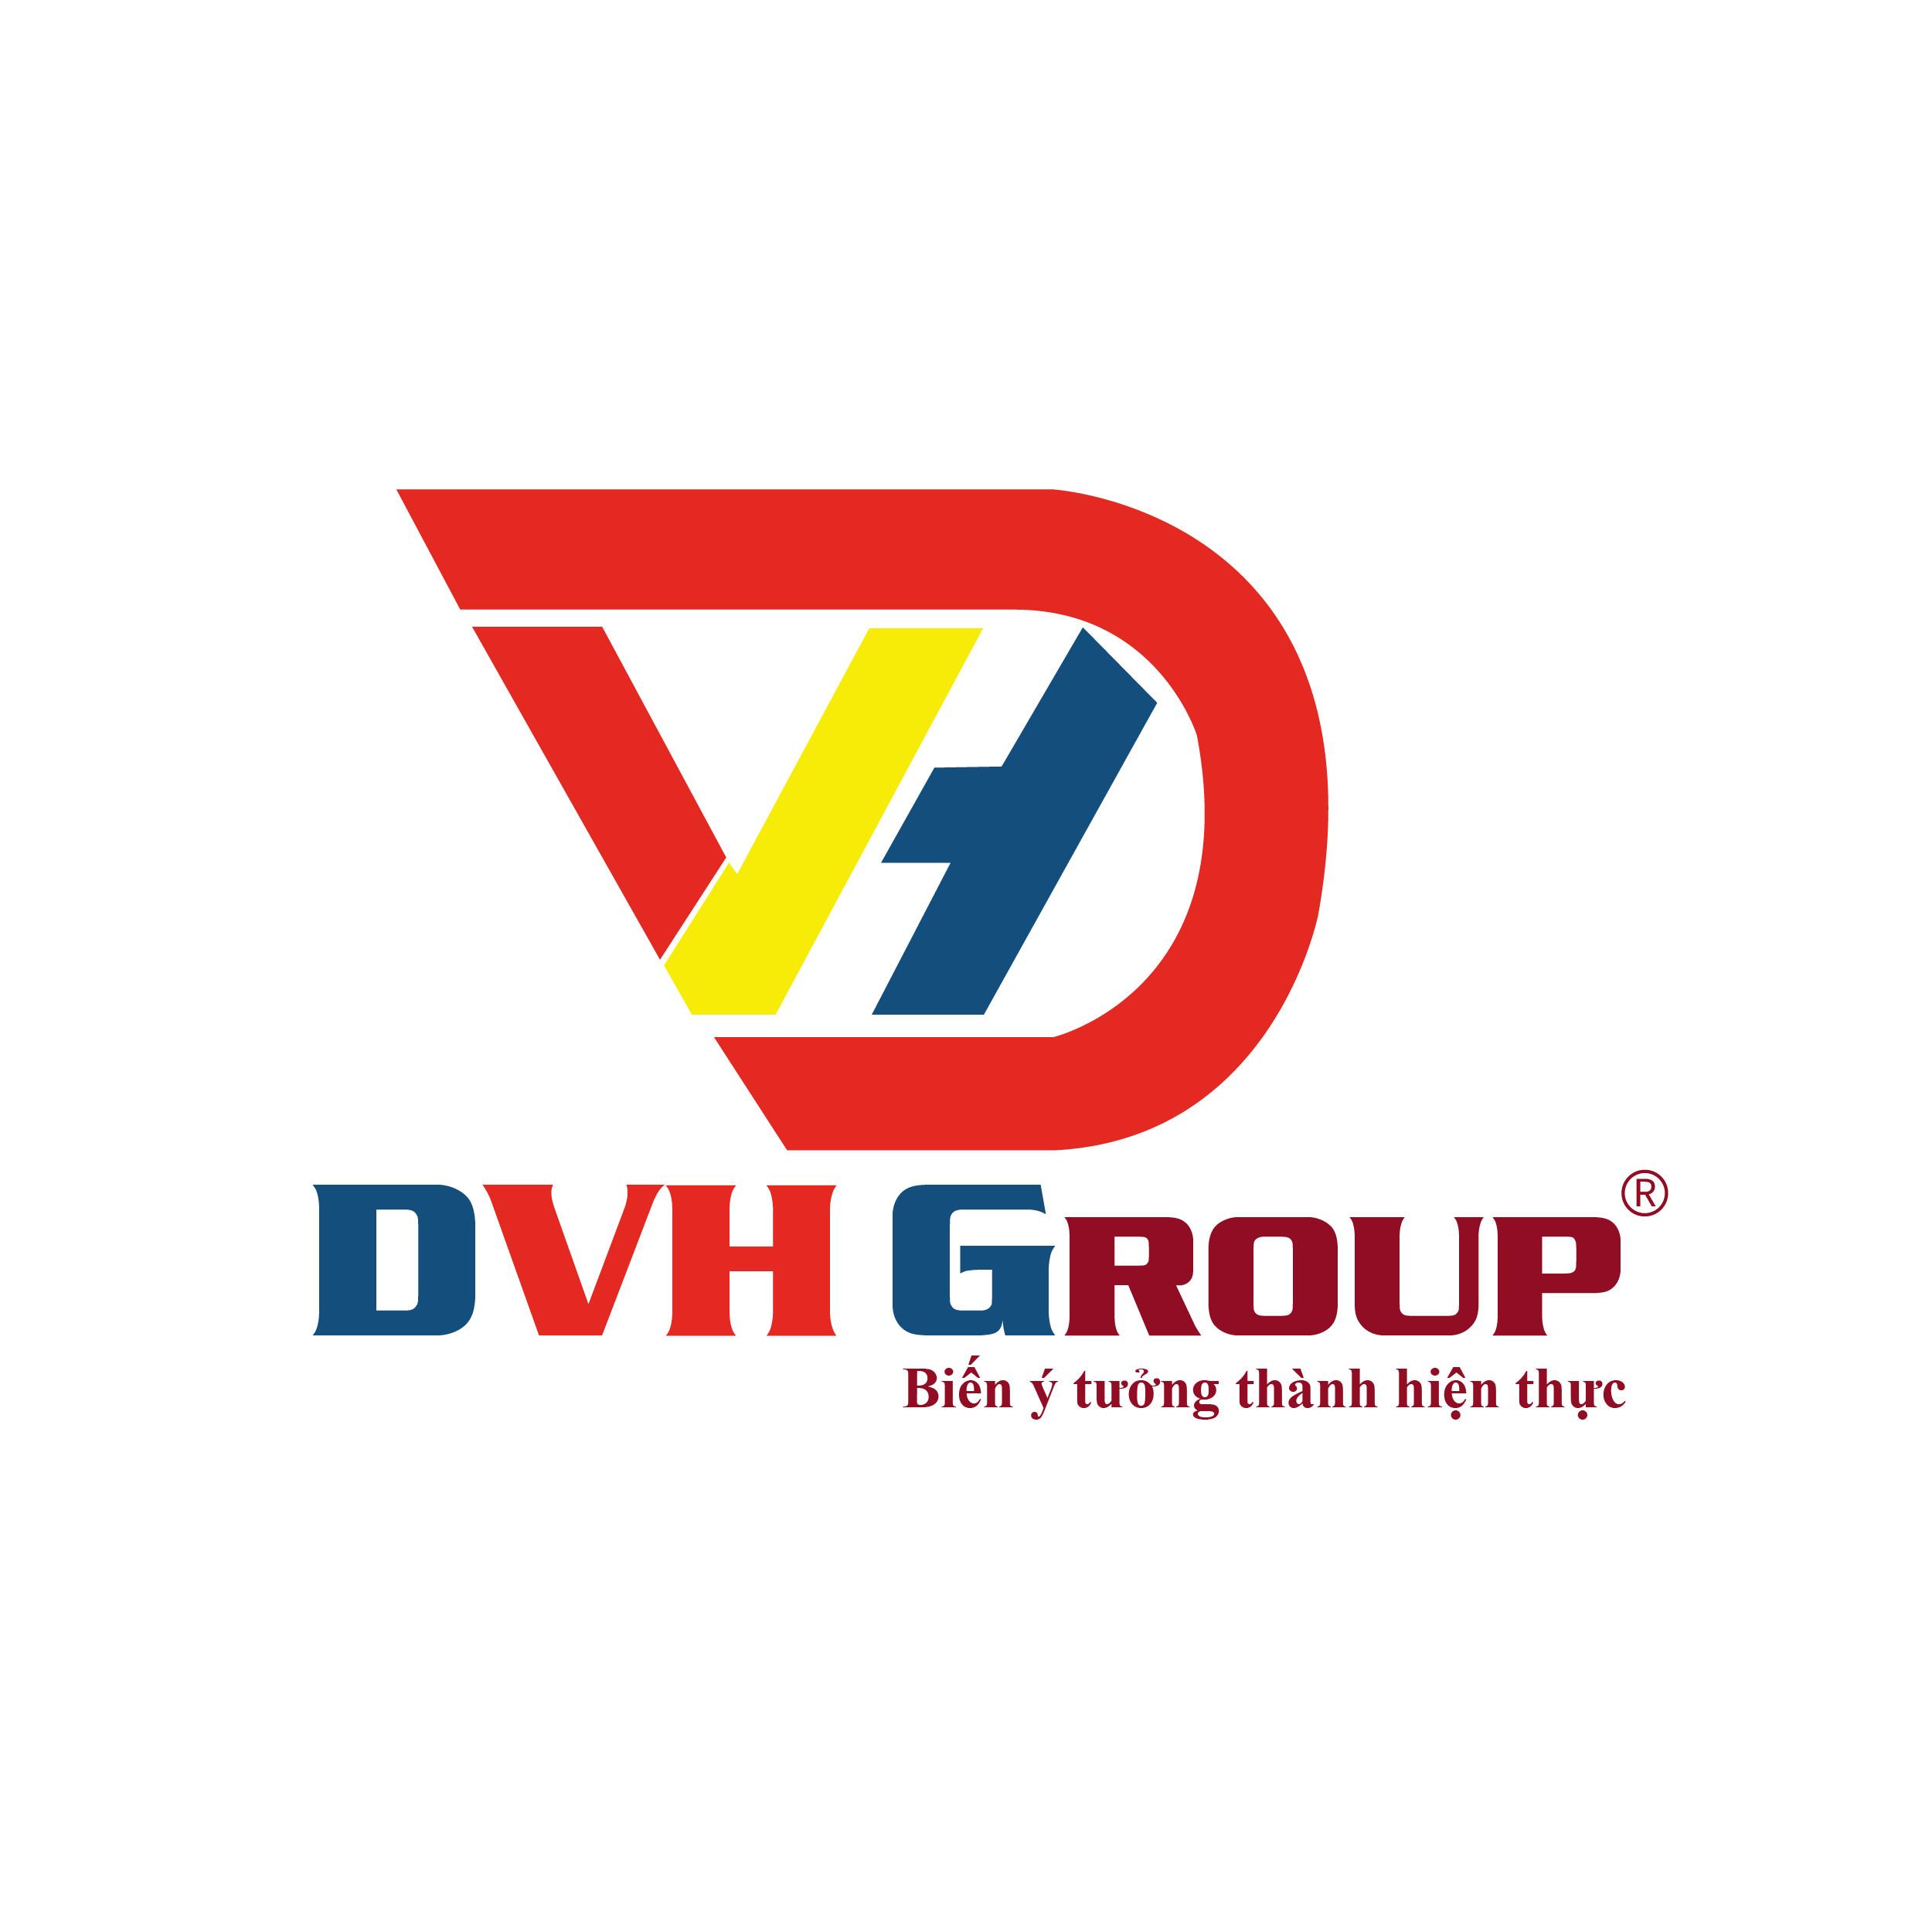 Công Ty Thiết Kế Nội Thất Tại huyện Nhơn Trạch - Nội Thất DVHGroup (logo)